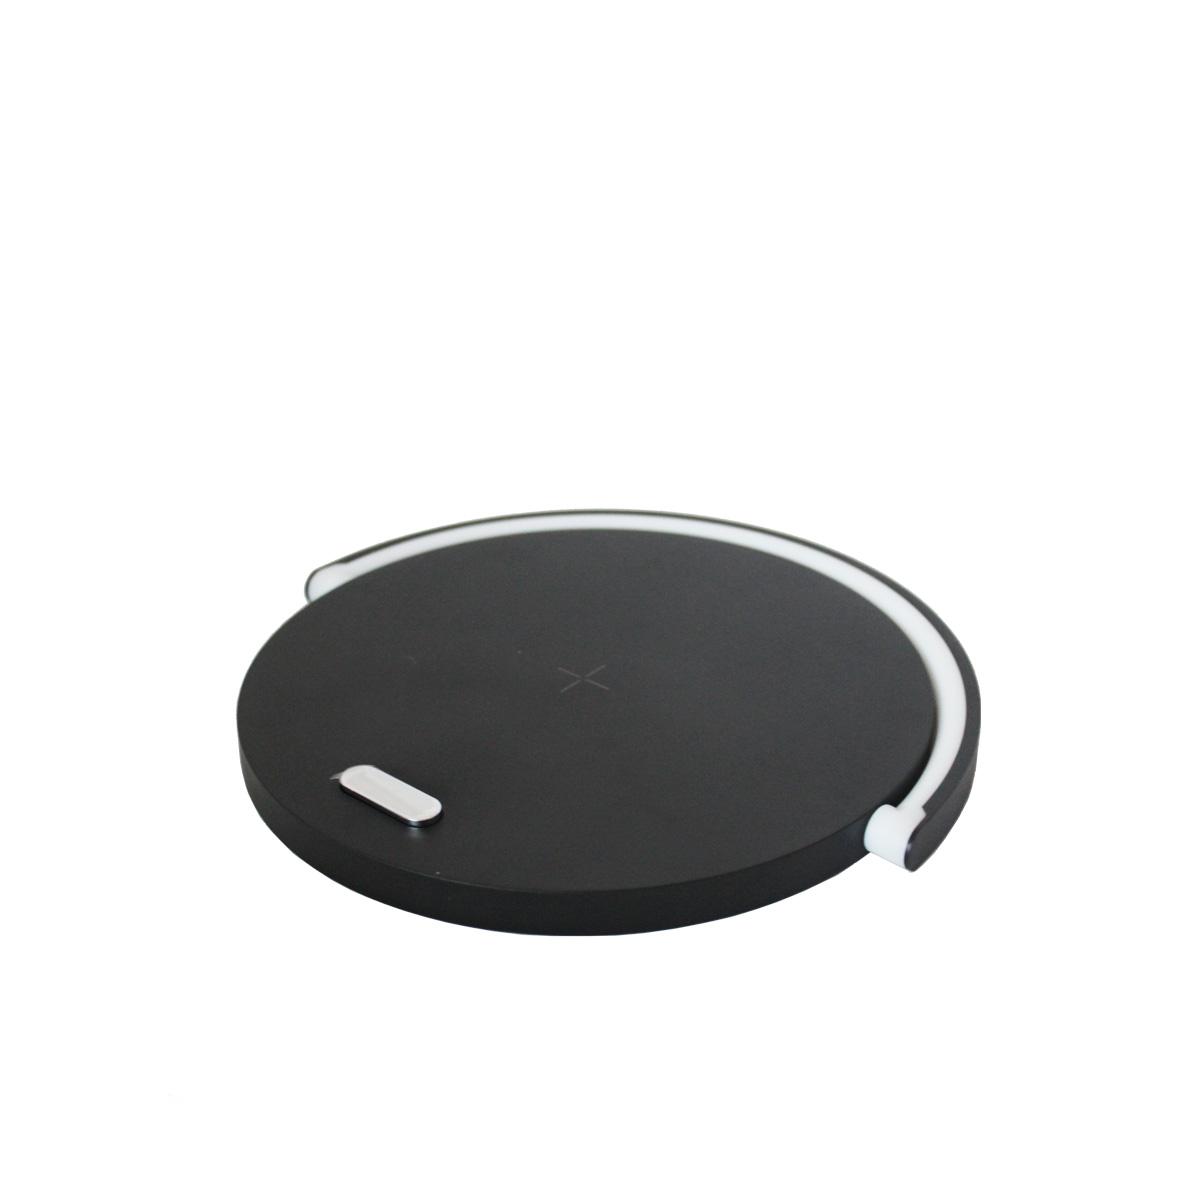 LED WIRELESS punjač i lampa crna  AK-016